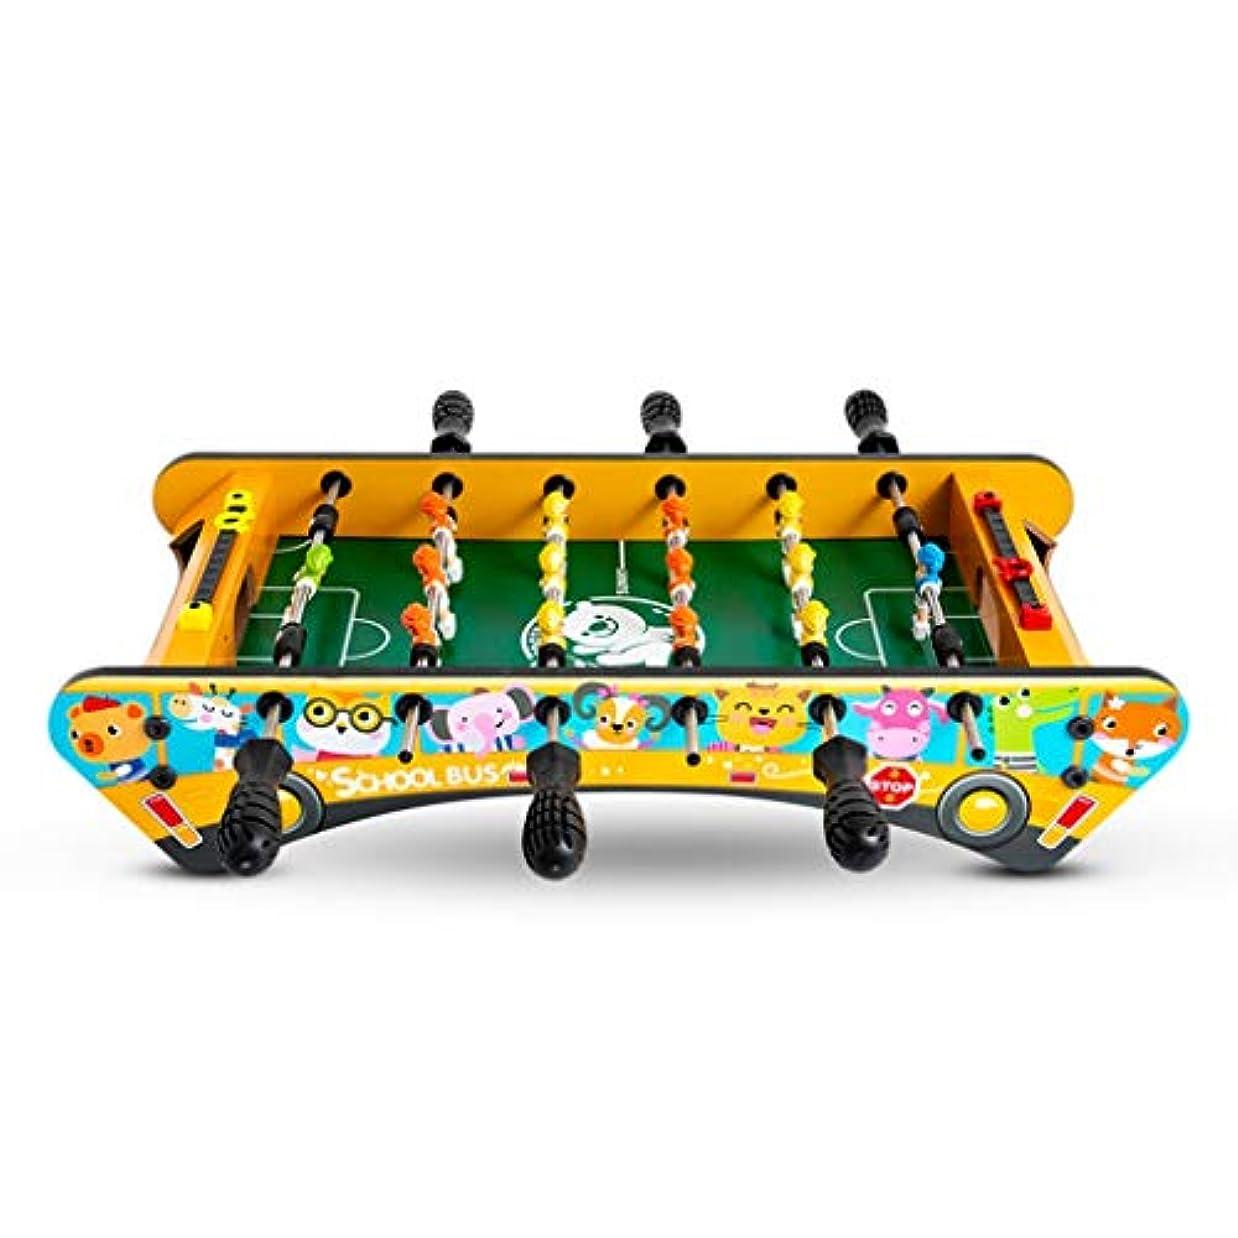 上誇張するジレンマ子供のテーブルサッカー子供のおもちゃ子供の教育玩具3-10歳の子供のおもちゃギフト6席テーブルサッカー機のギフト家族のゲーム機木材 (Color : YELLOW, Size : 61CM)